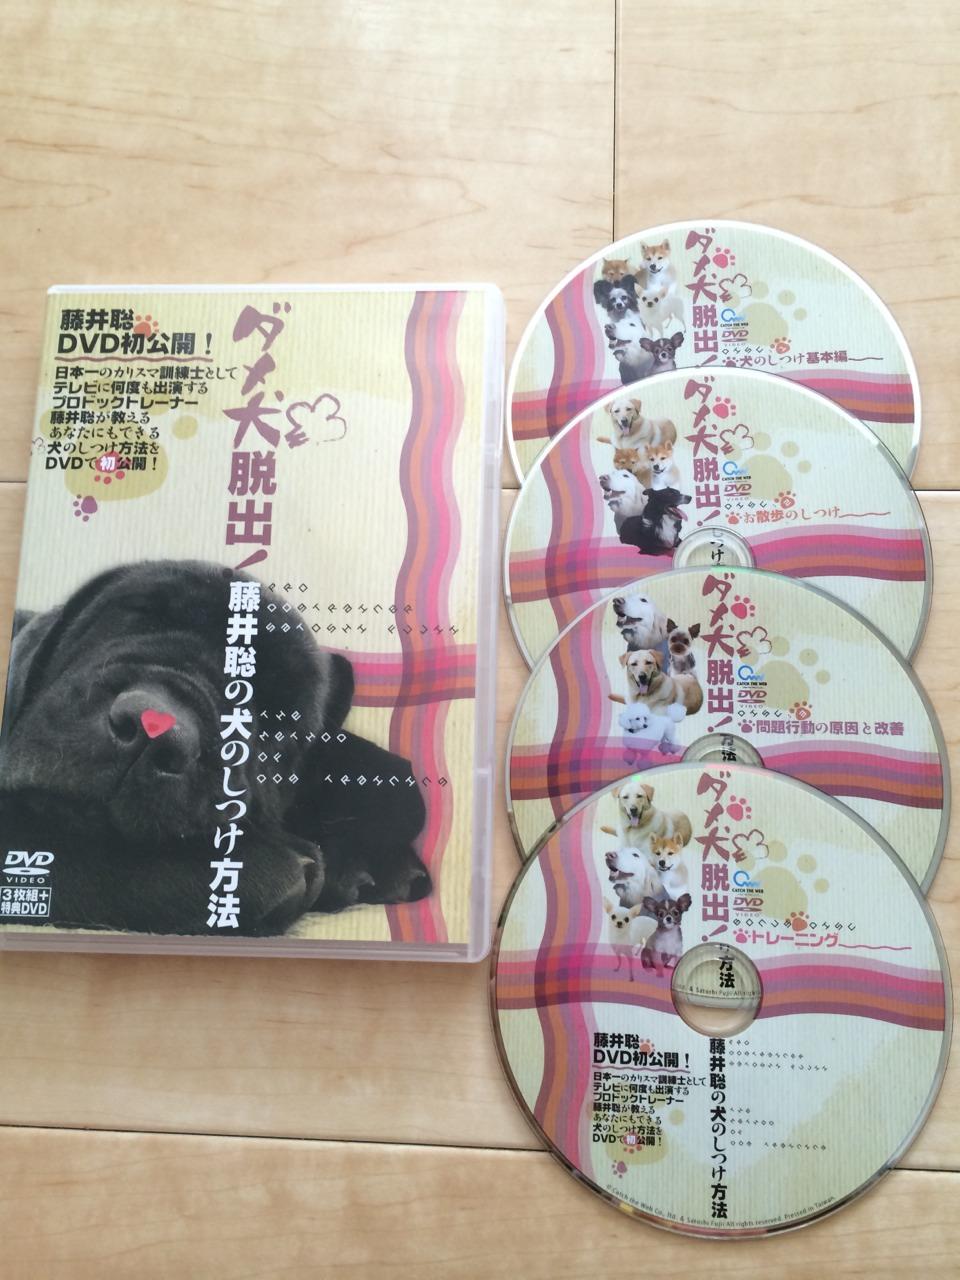 ドッグトレーナー藤井聡の犬のしつけDVDの実践レビュー